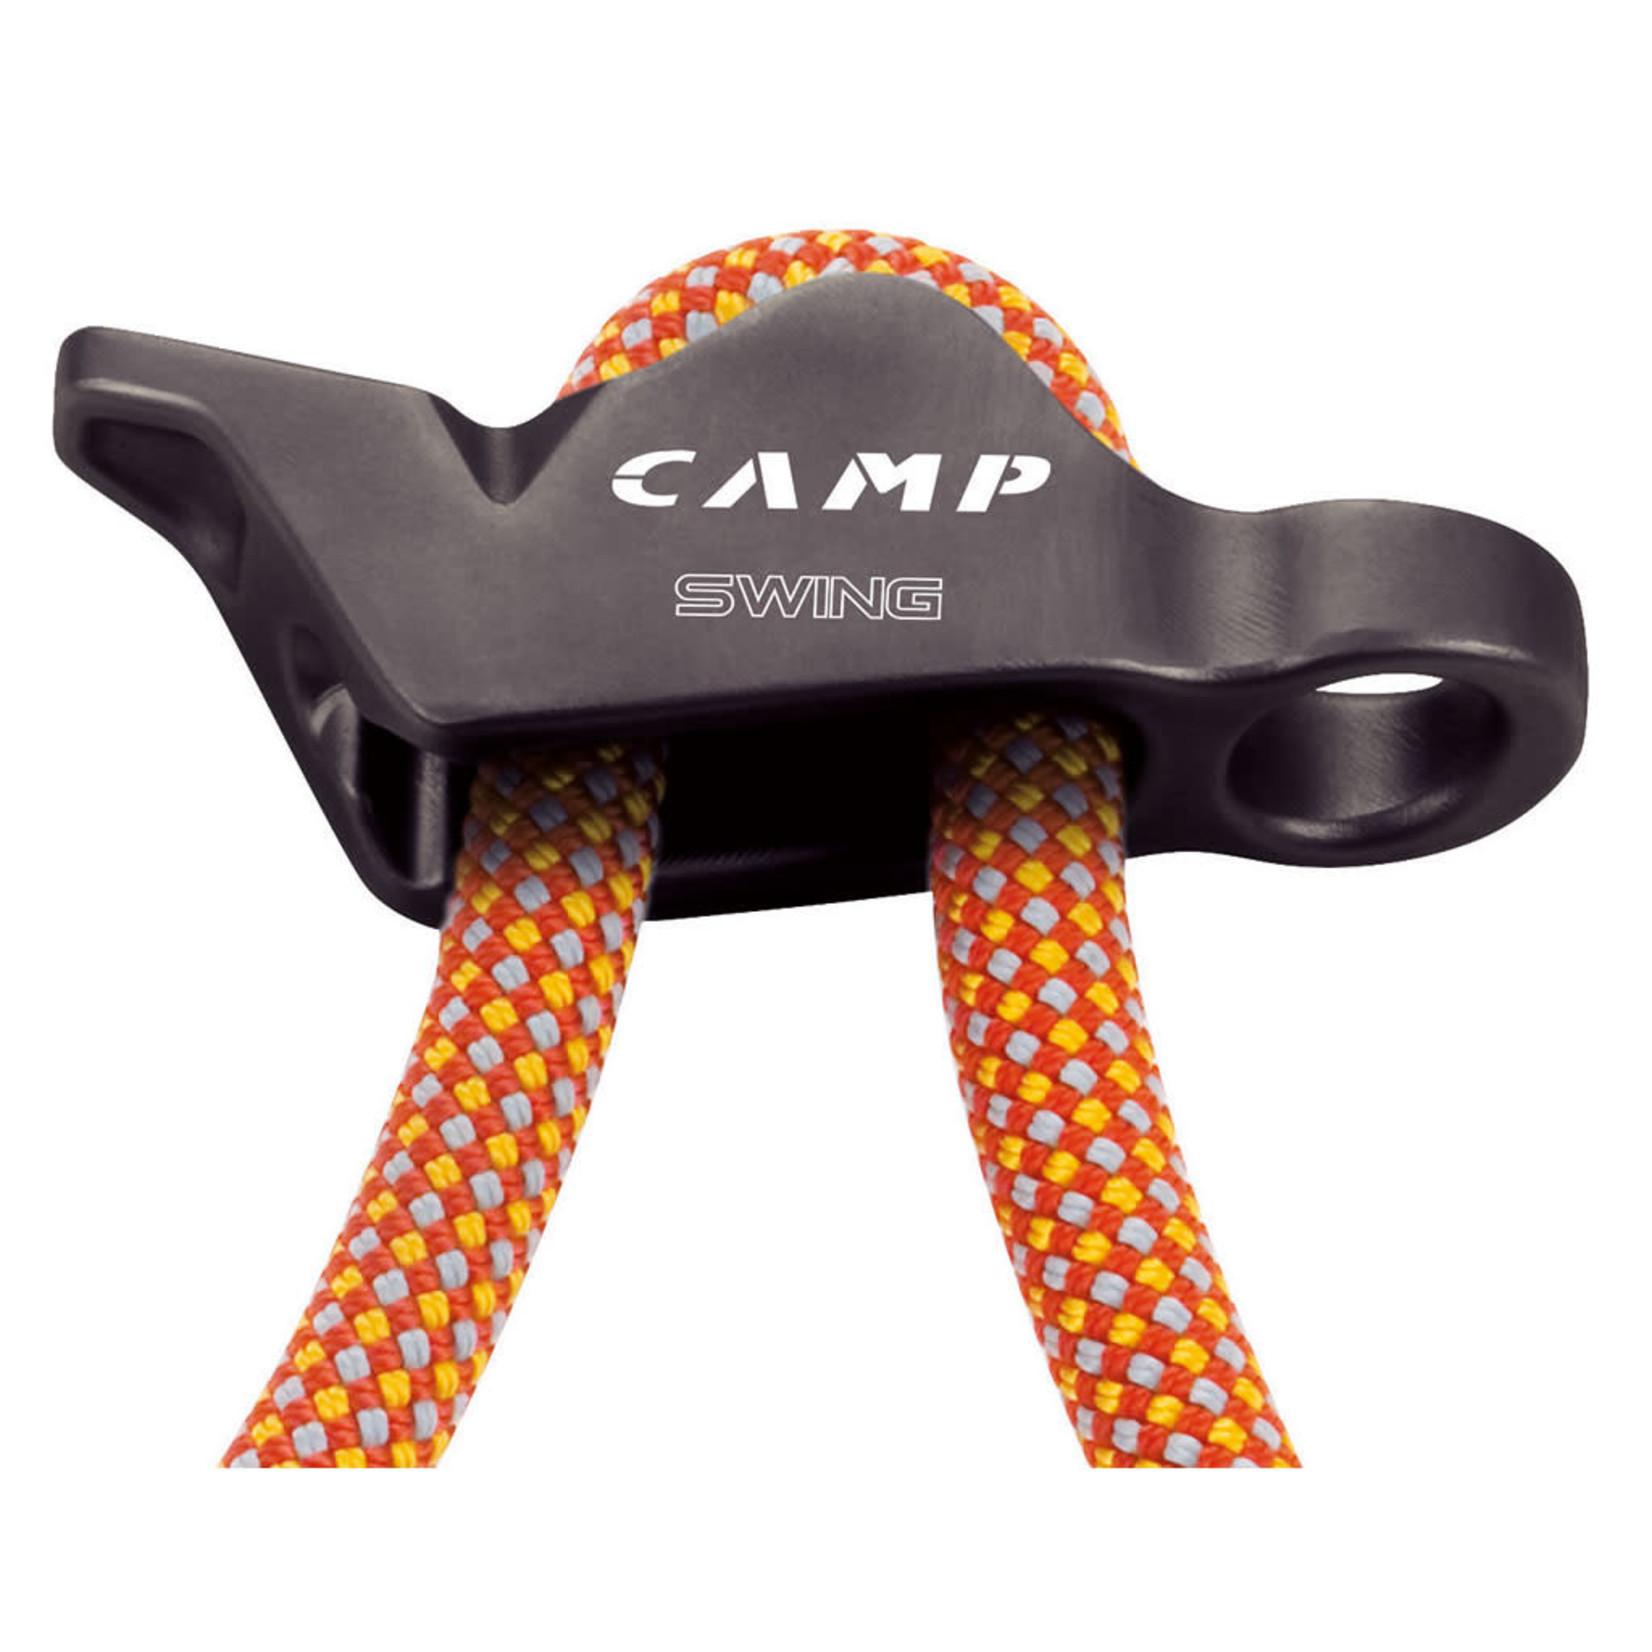 Camp Camp Swing Dynamic Belay Lanyard